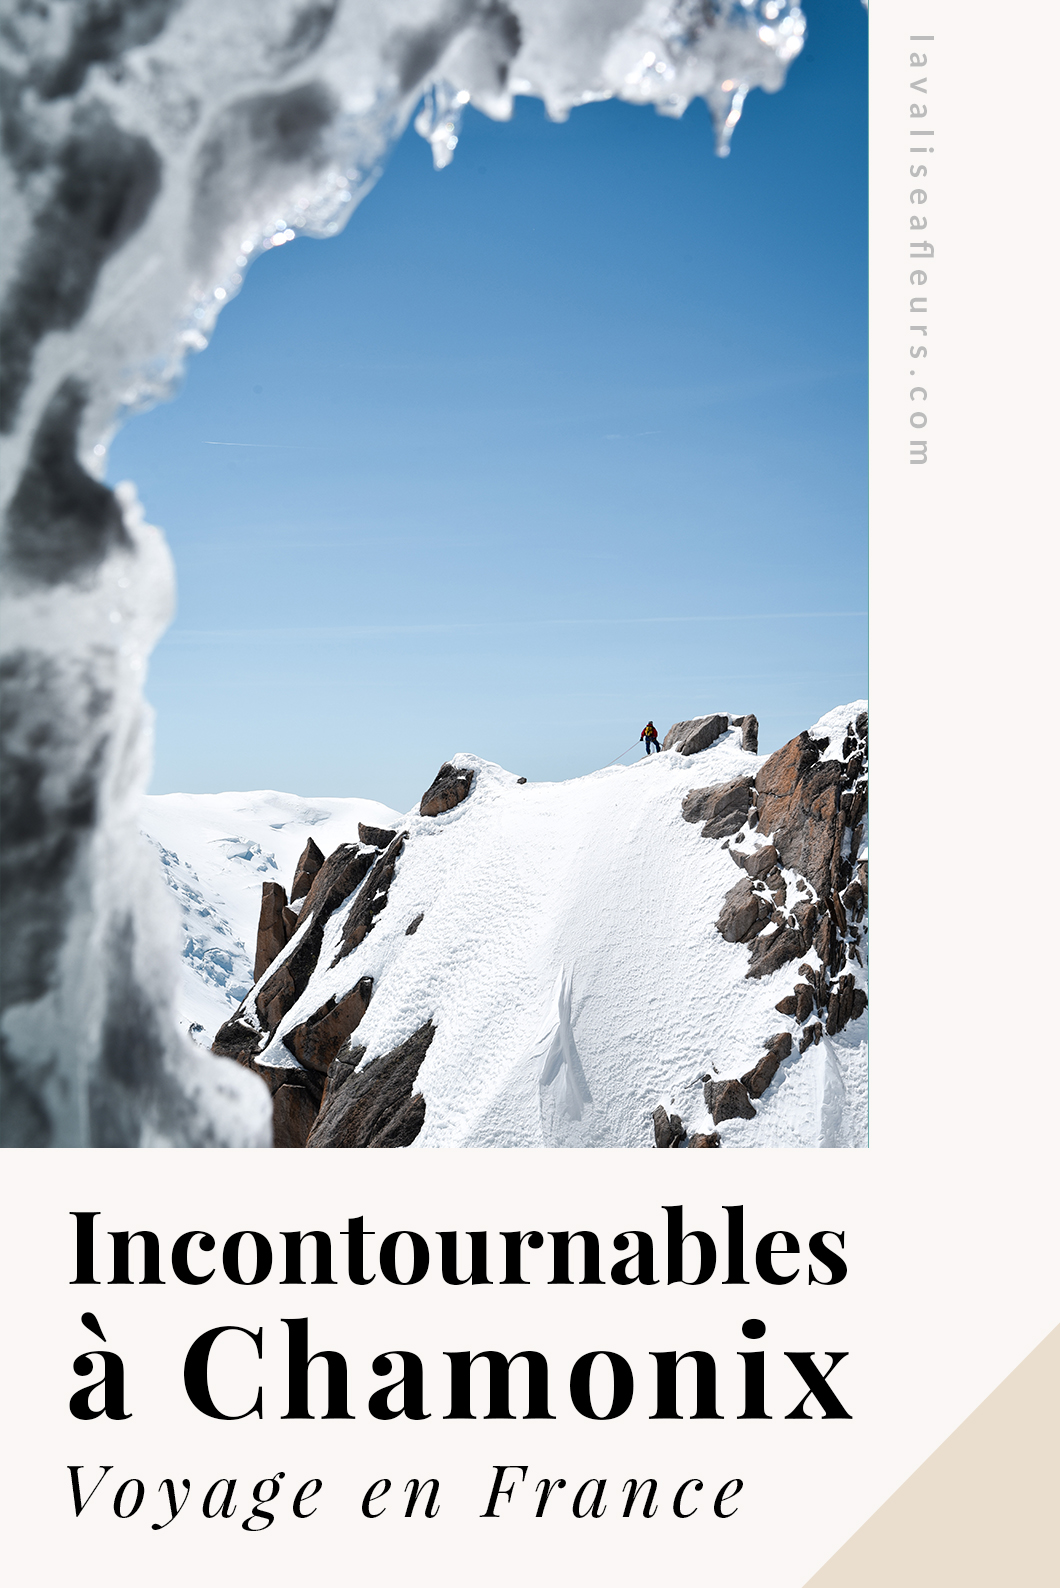 Incontournables à Chamonix, voyage en France